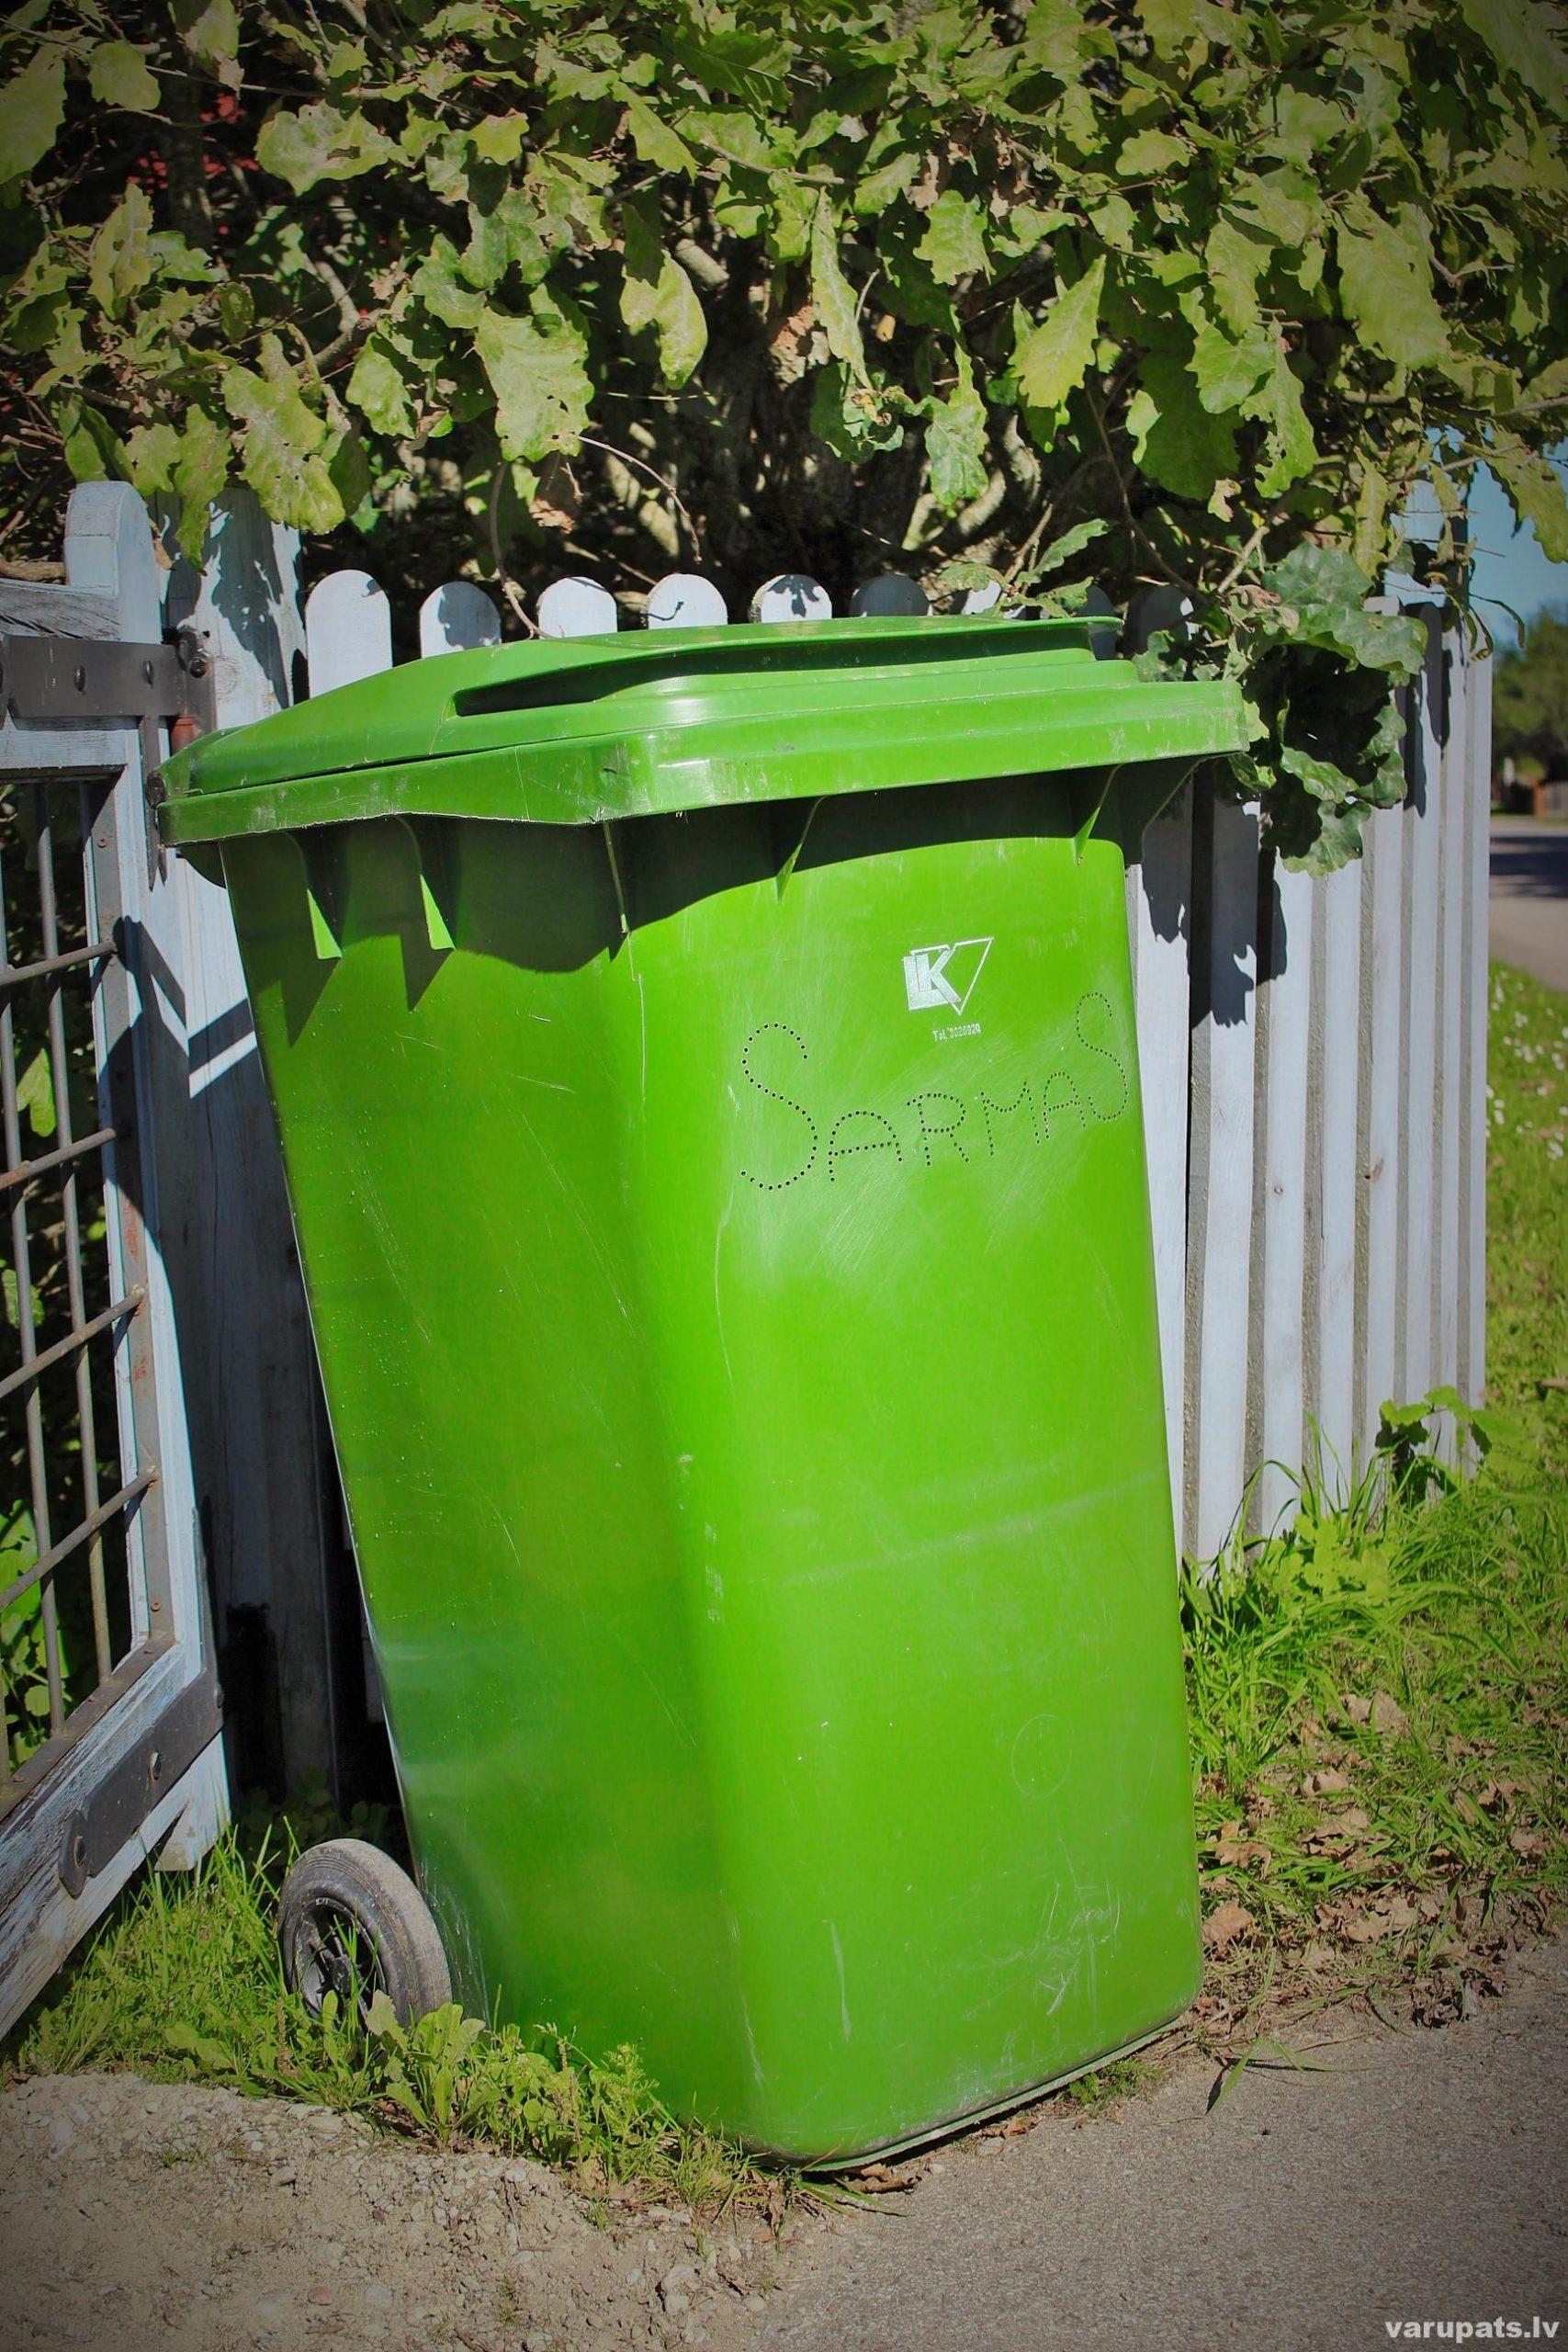 atkritumu konteineru mājai un nosaukums uz tā, mājas adresse